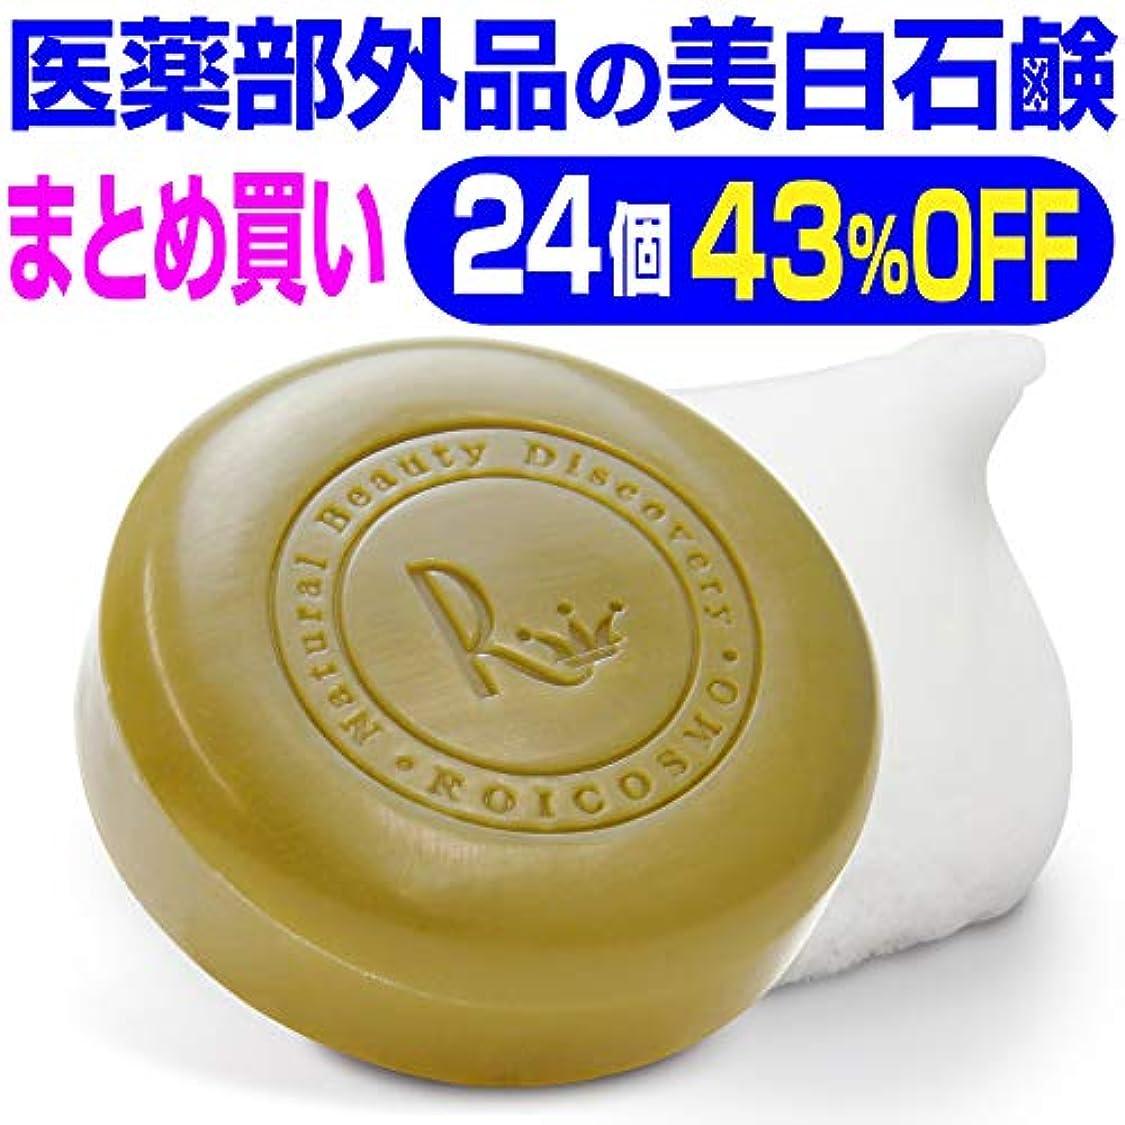 ラッドヤードキップリング建築インレイ24個まとめ買い43%OFF 美白石鹸/ビタミンC270倍の美白成分配合の 洗顔石鹸『ホワイトソープ100g×24個』